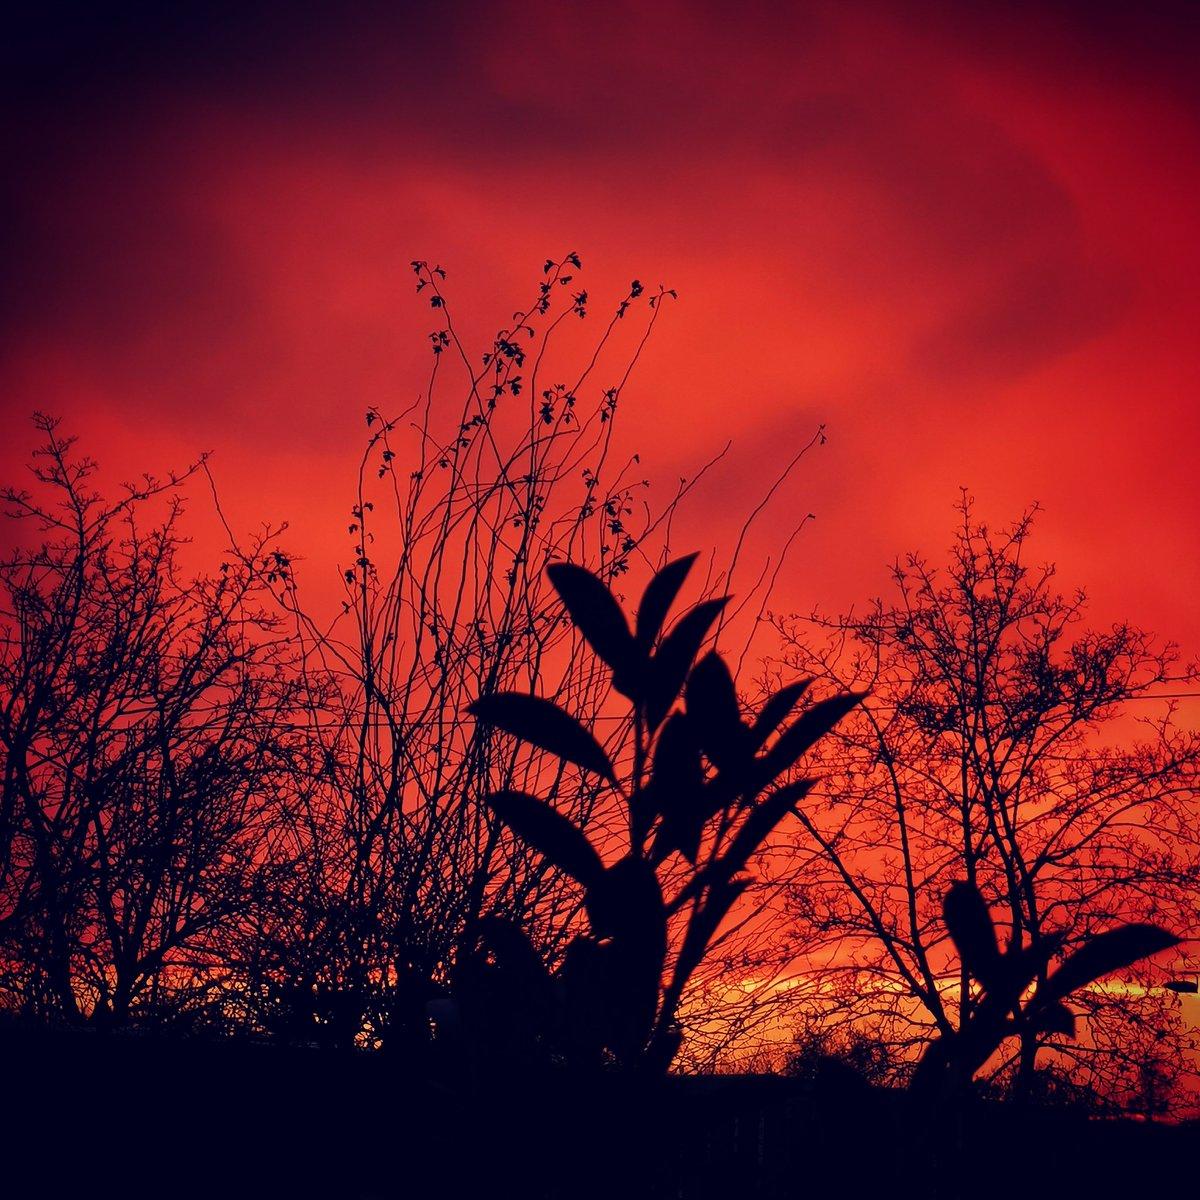 #sunset #pfaffenhofenanderilm #hablKunst #manfredhabl #hablfotografie #heikehabl